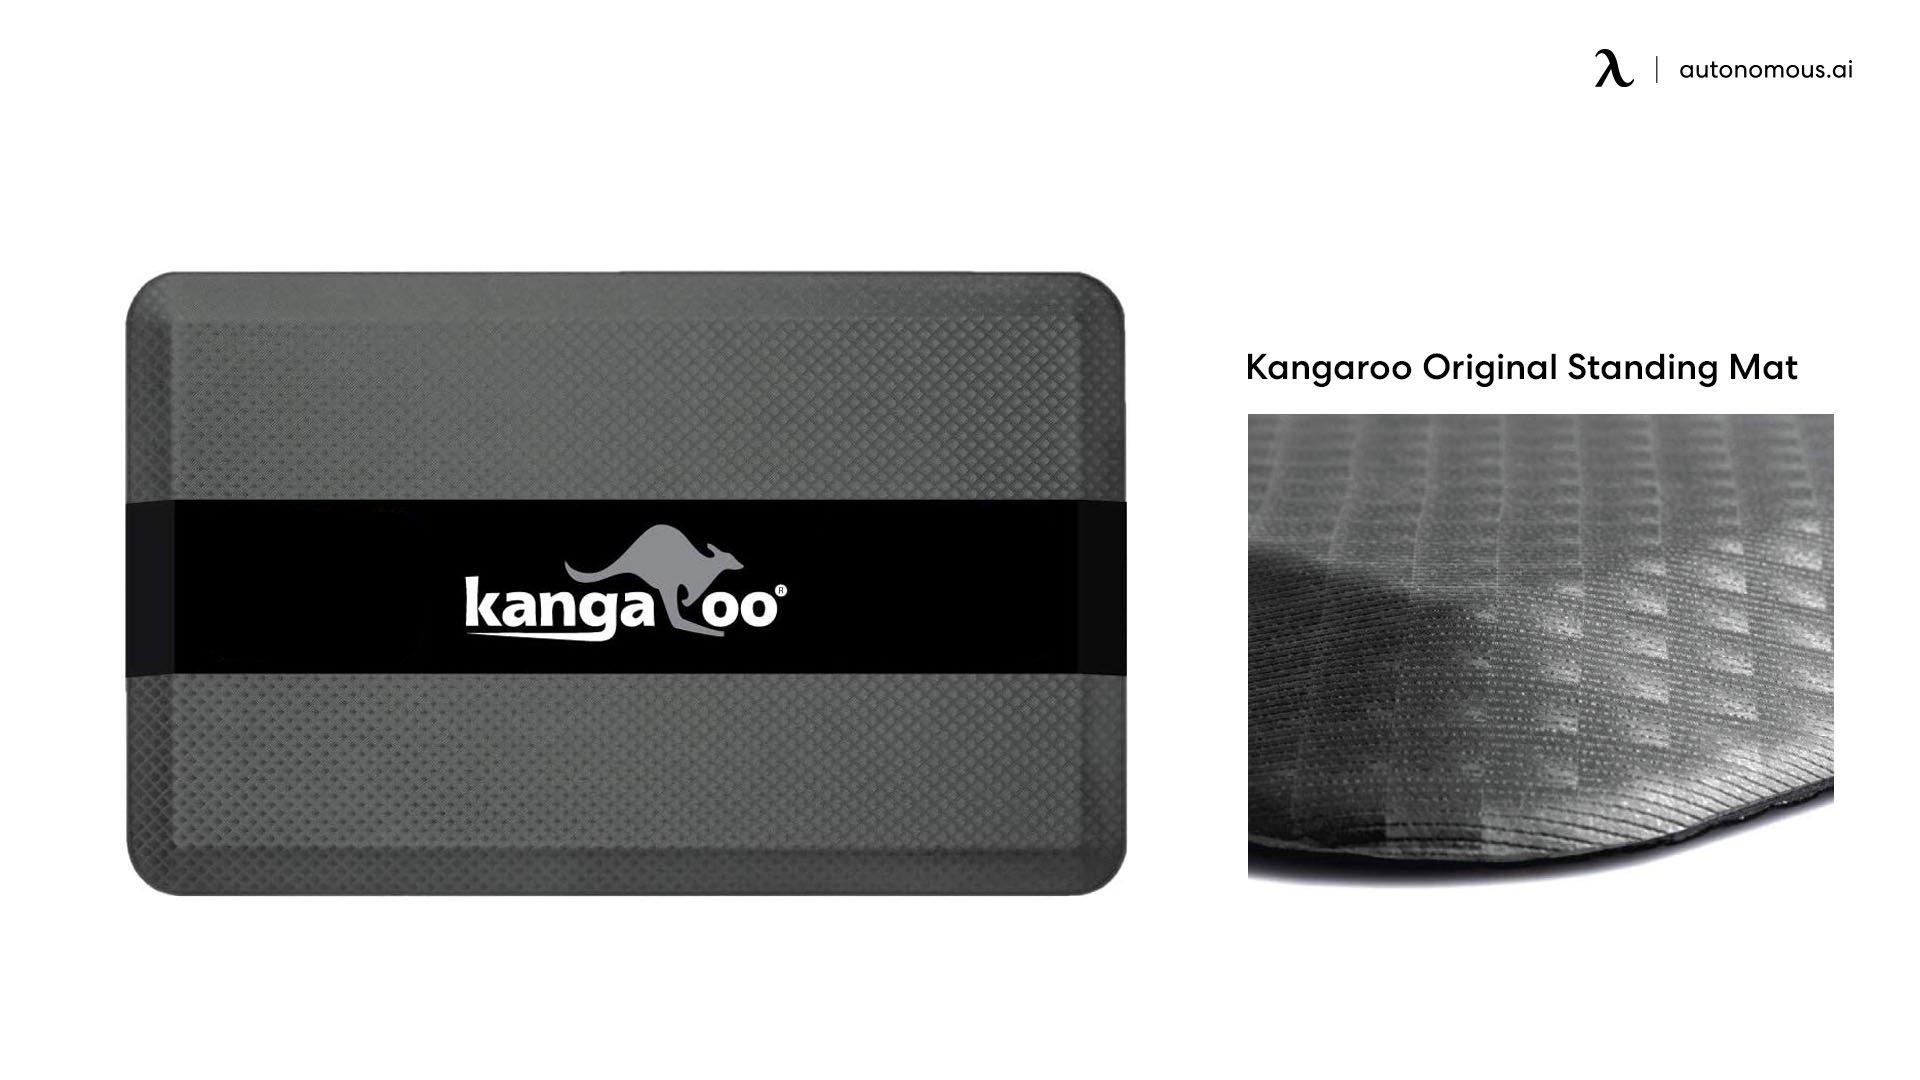 Kangaroo Original Standing Mat